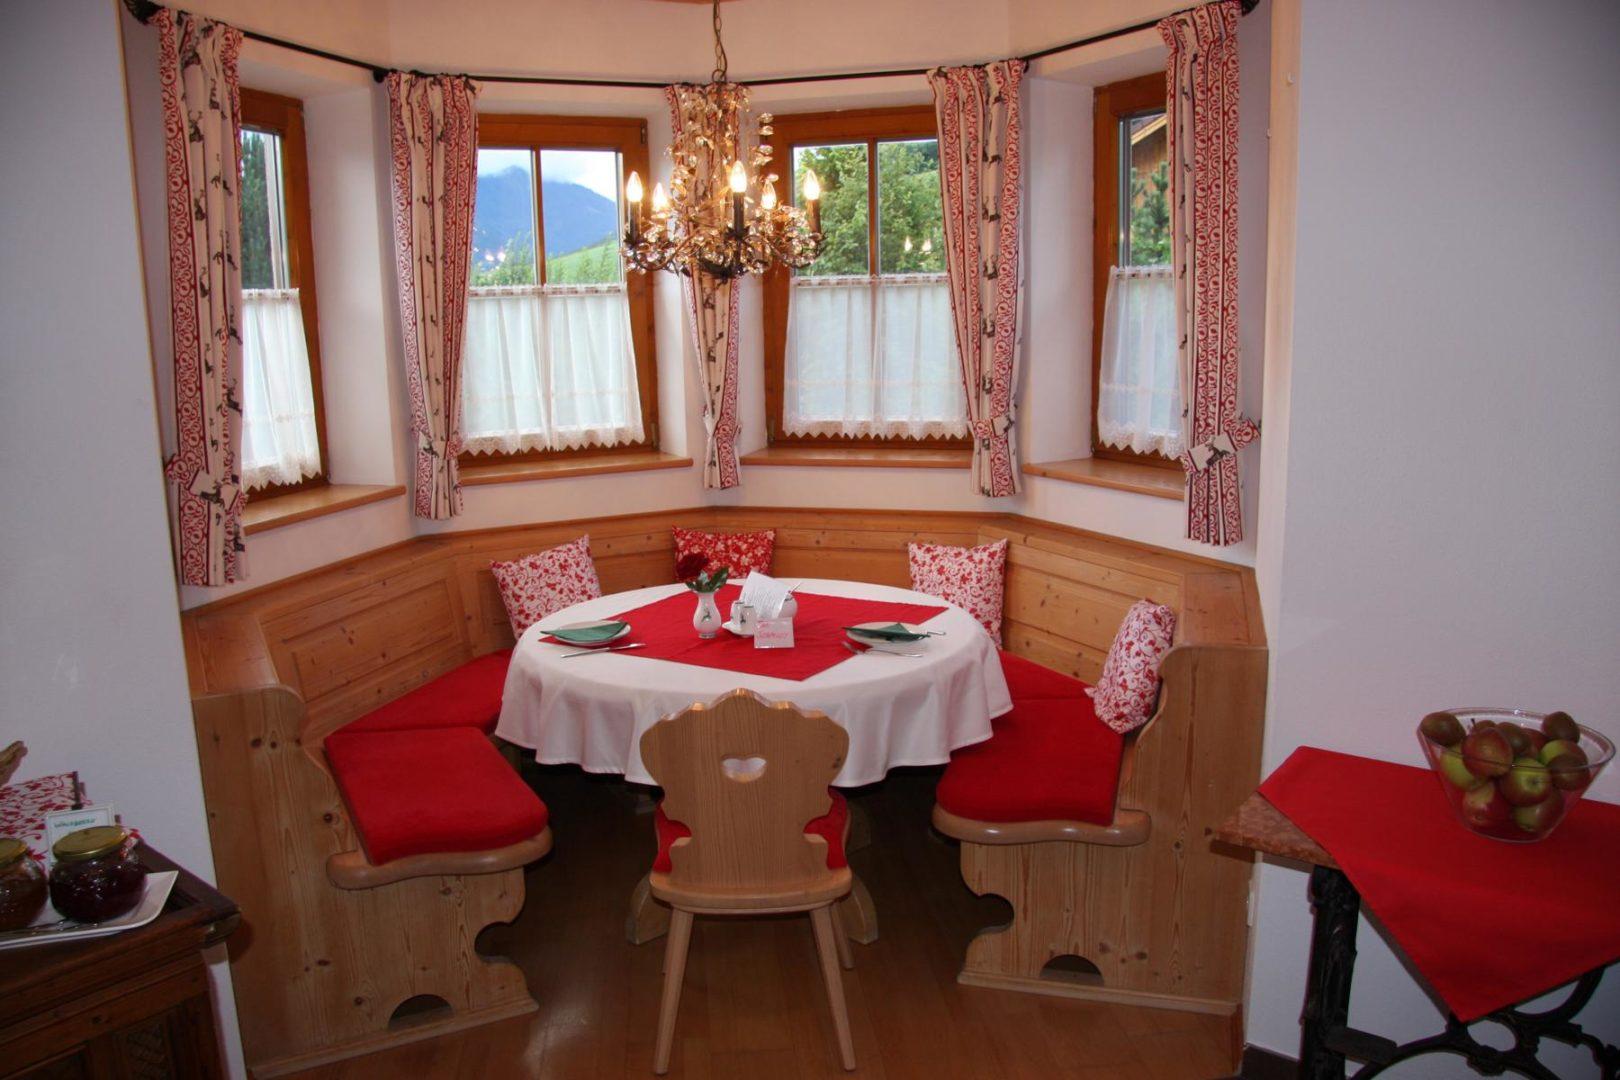 4* Hotel in Gröbming - Steiermark